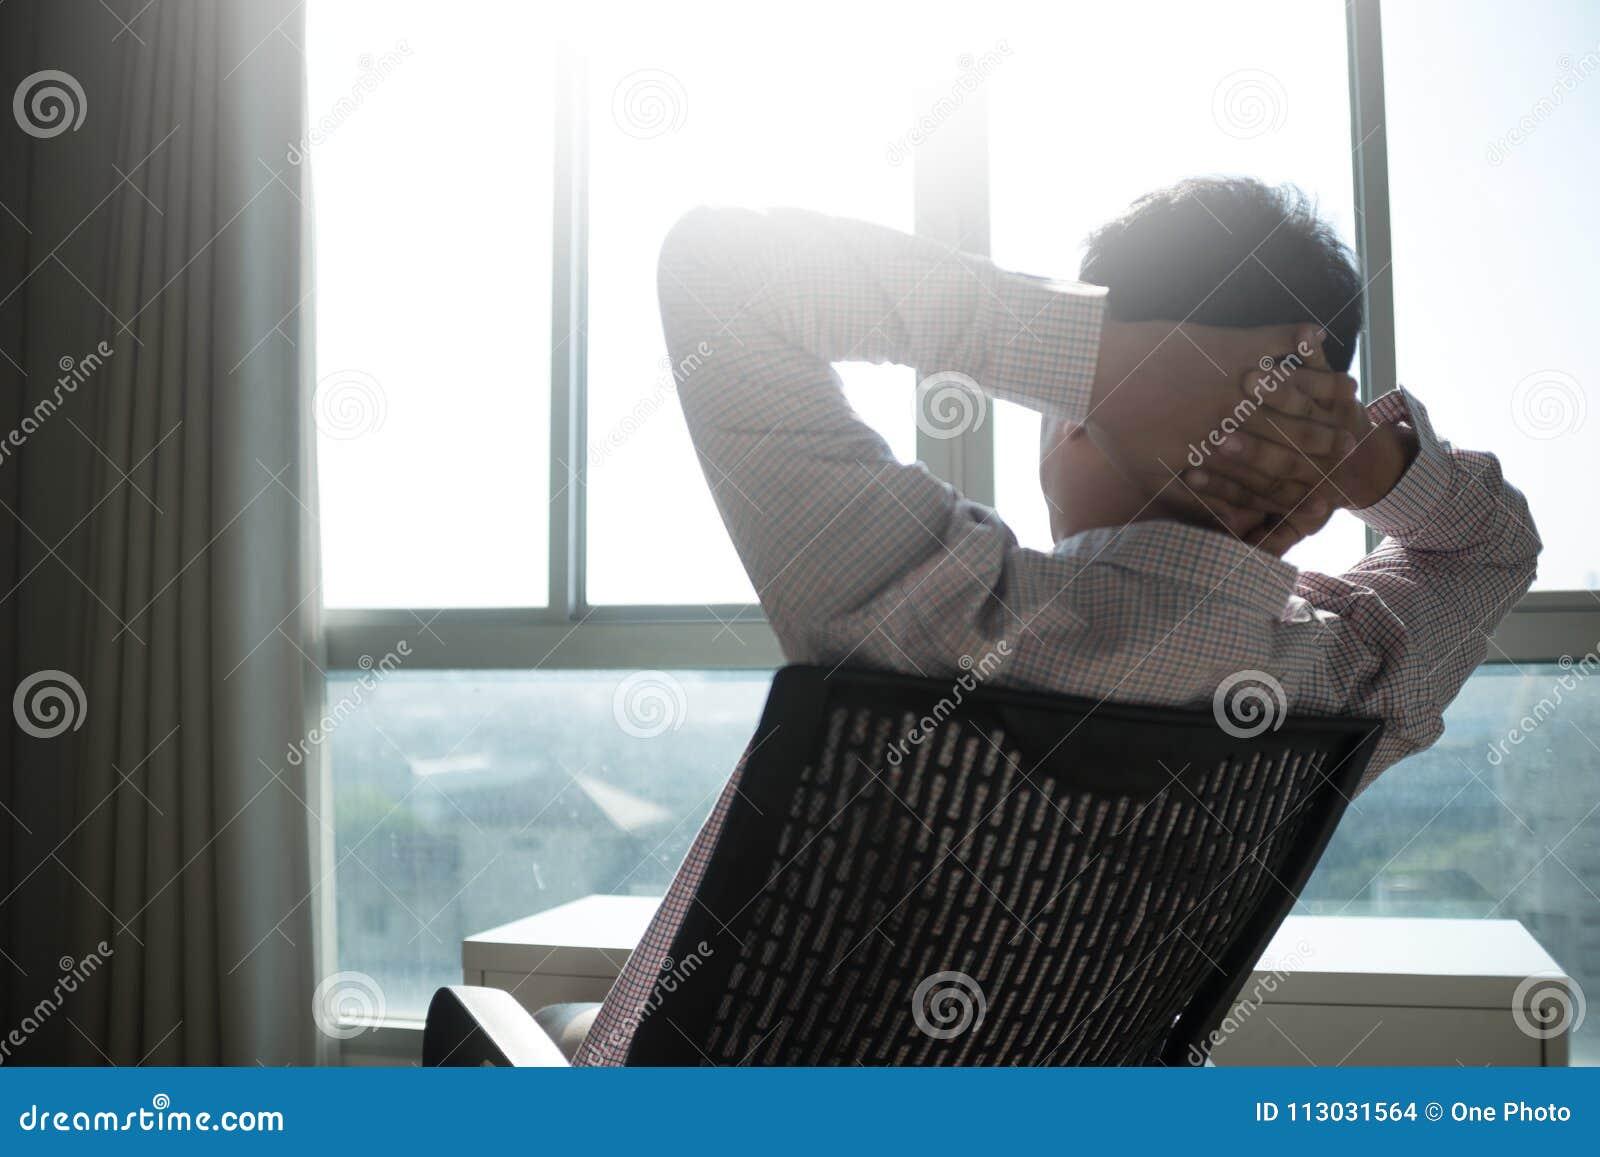 Sirva la relajación sonriente y el goce del cielo la custodia del hombre de la ventana